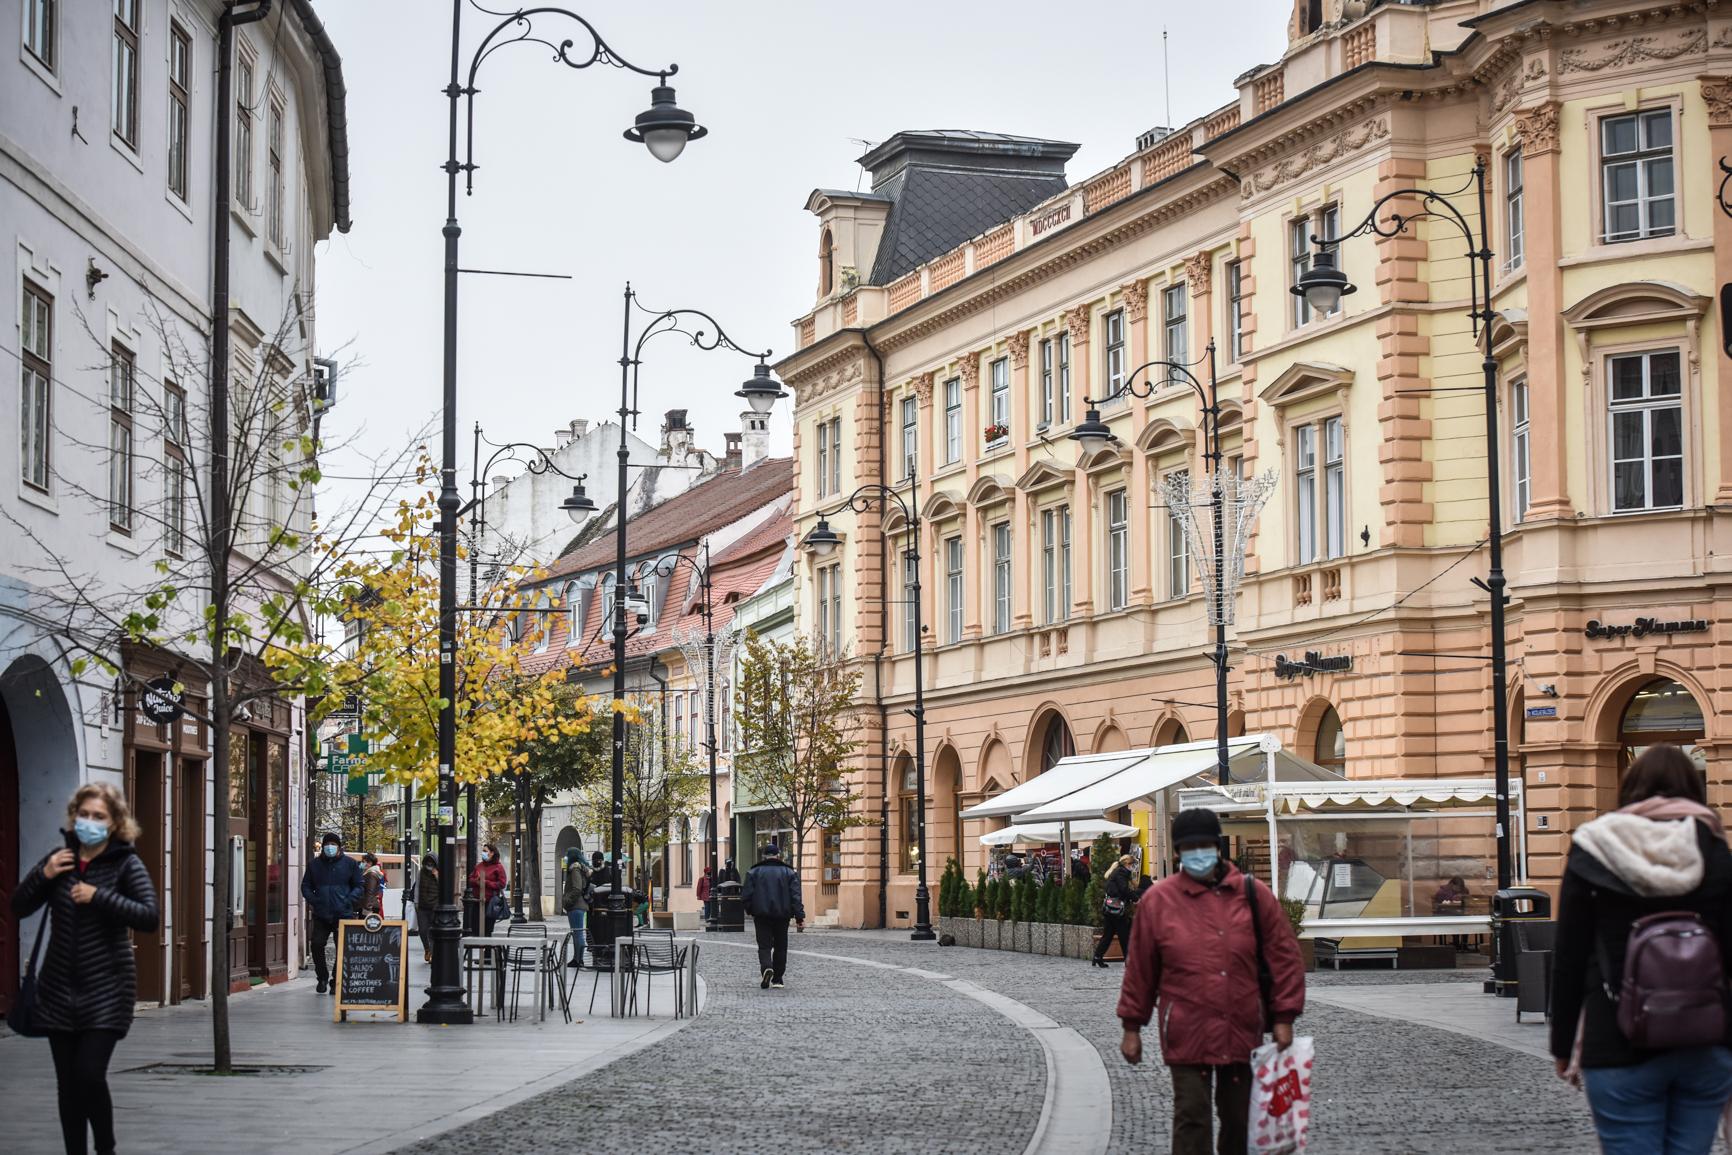 1,75 - rata de infectare în municipiul Sibiu. Toate localitățile din județ au rata incidenței sub 3 la mia de locuitori